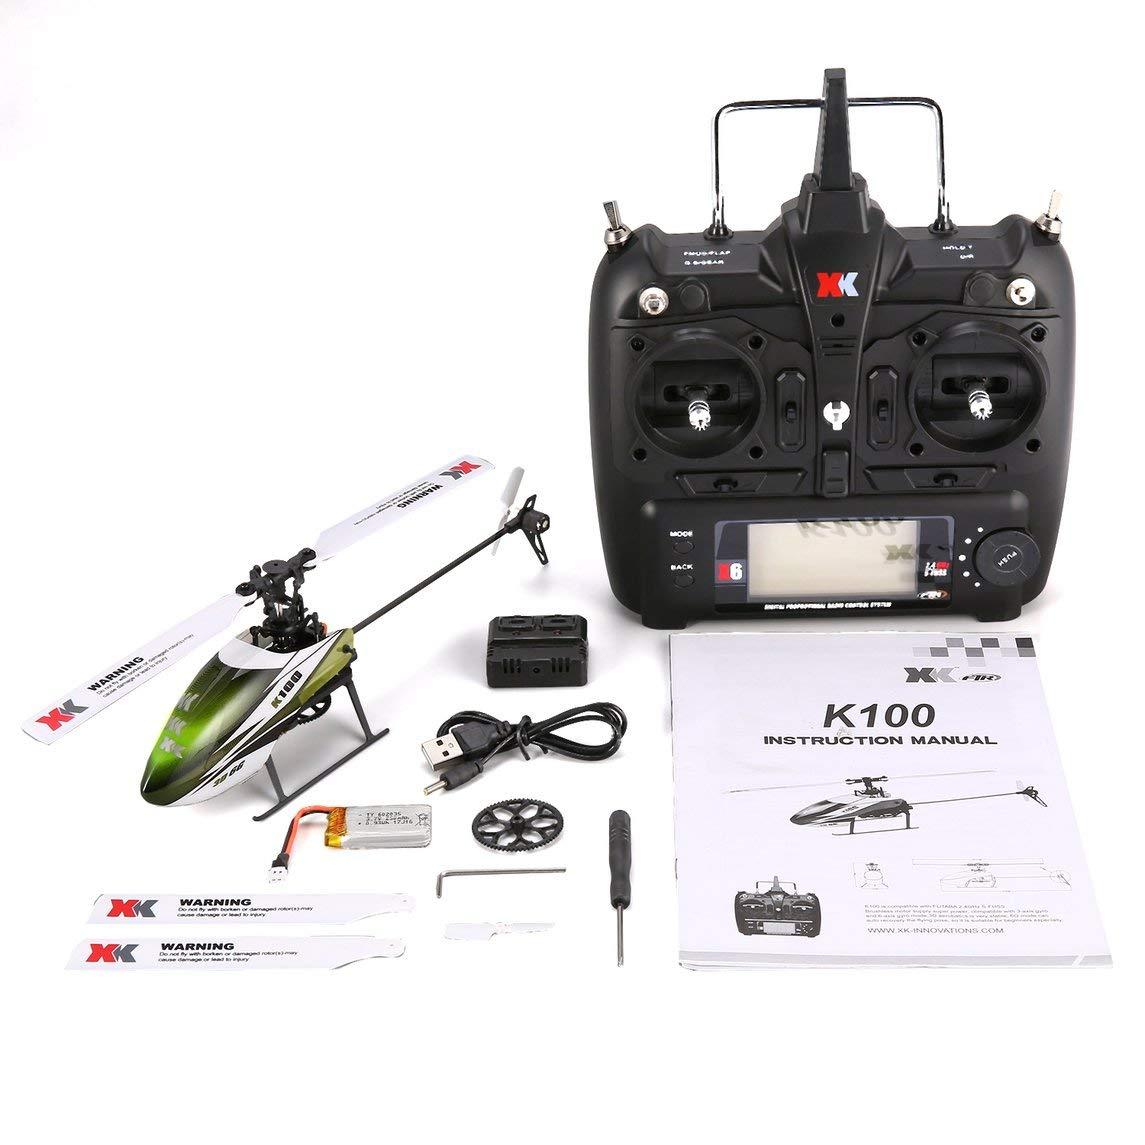 Footprintse XK K100 6CH 3D 6G Sistema Mini RC Drone Elicottero Giocattoli con costruito in Gyro RTF per Regalo Presente